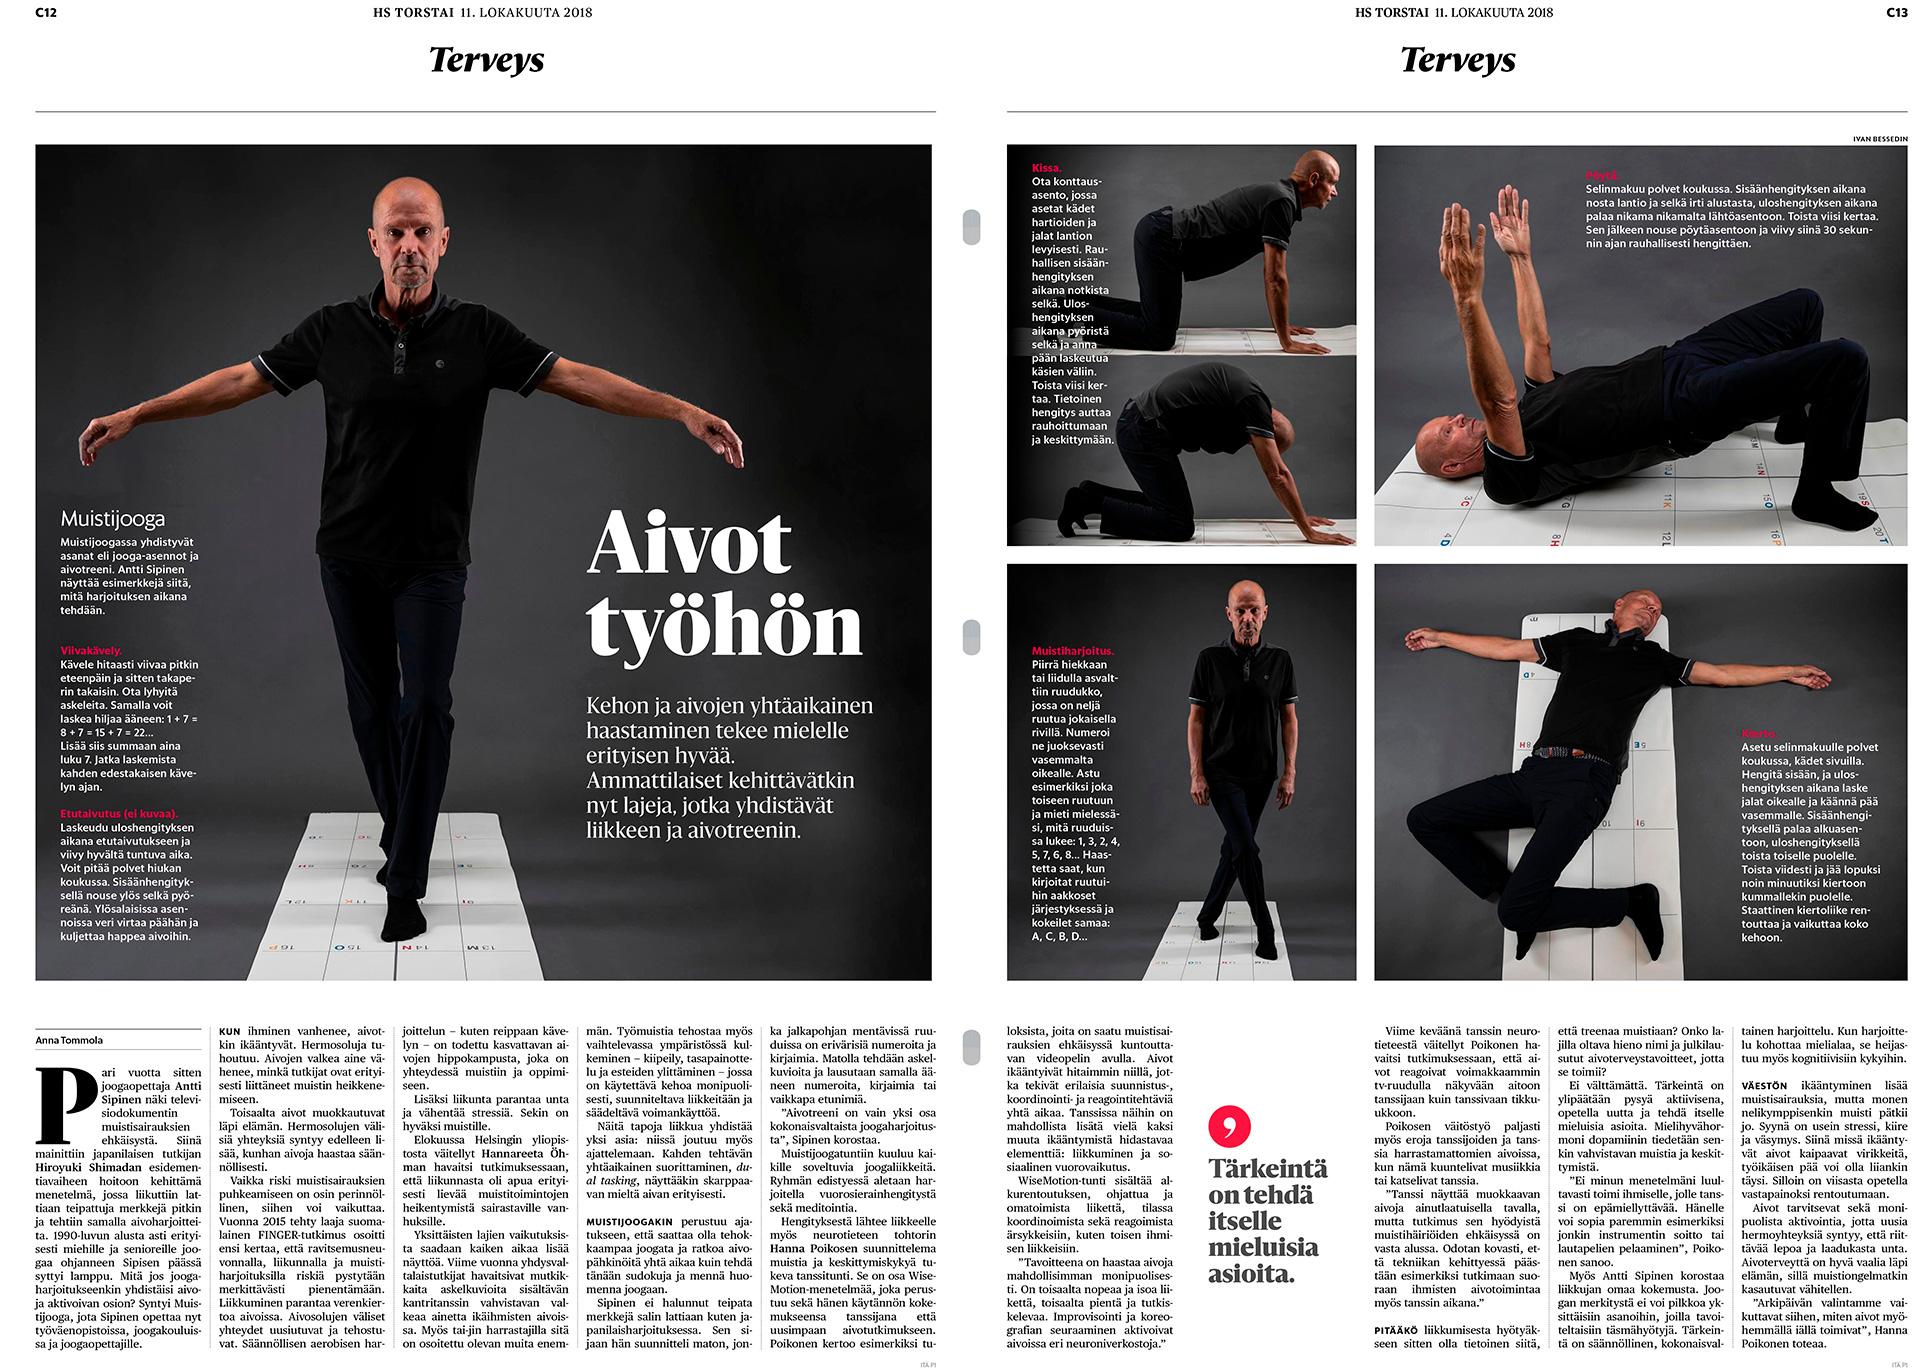 Helsingin Sanomat, Antti Sipinen, jooganopettaja